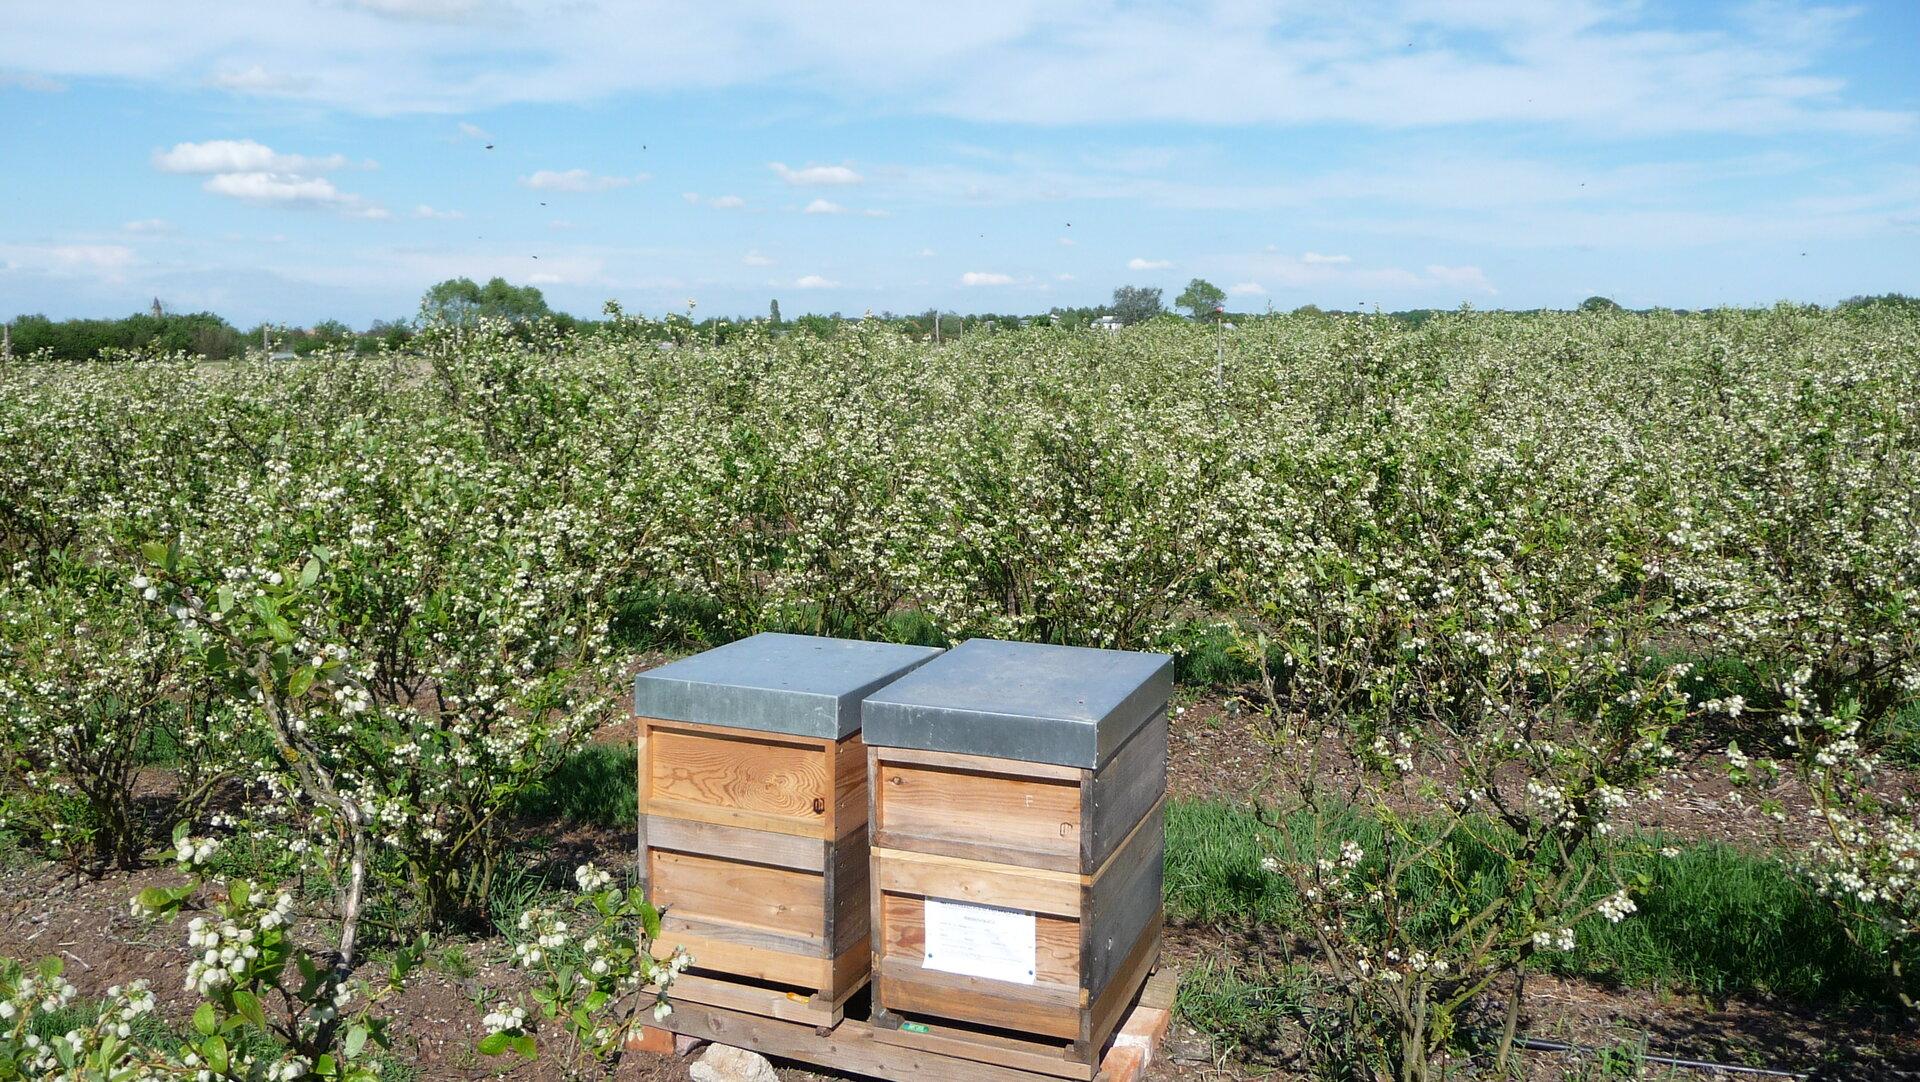 Heidelbeerenblüte durch Bienenbestäubung